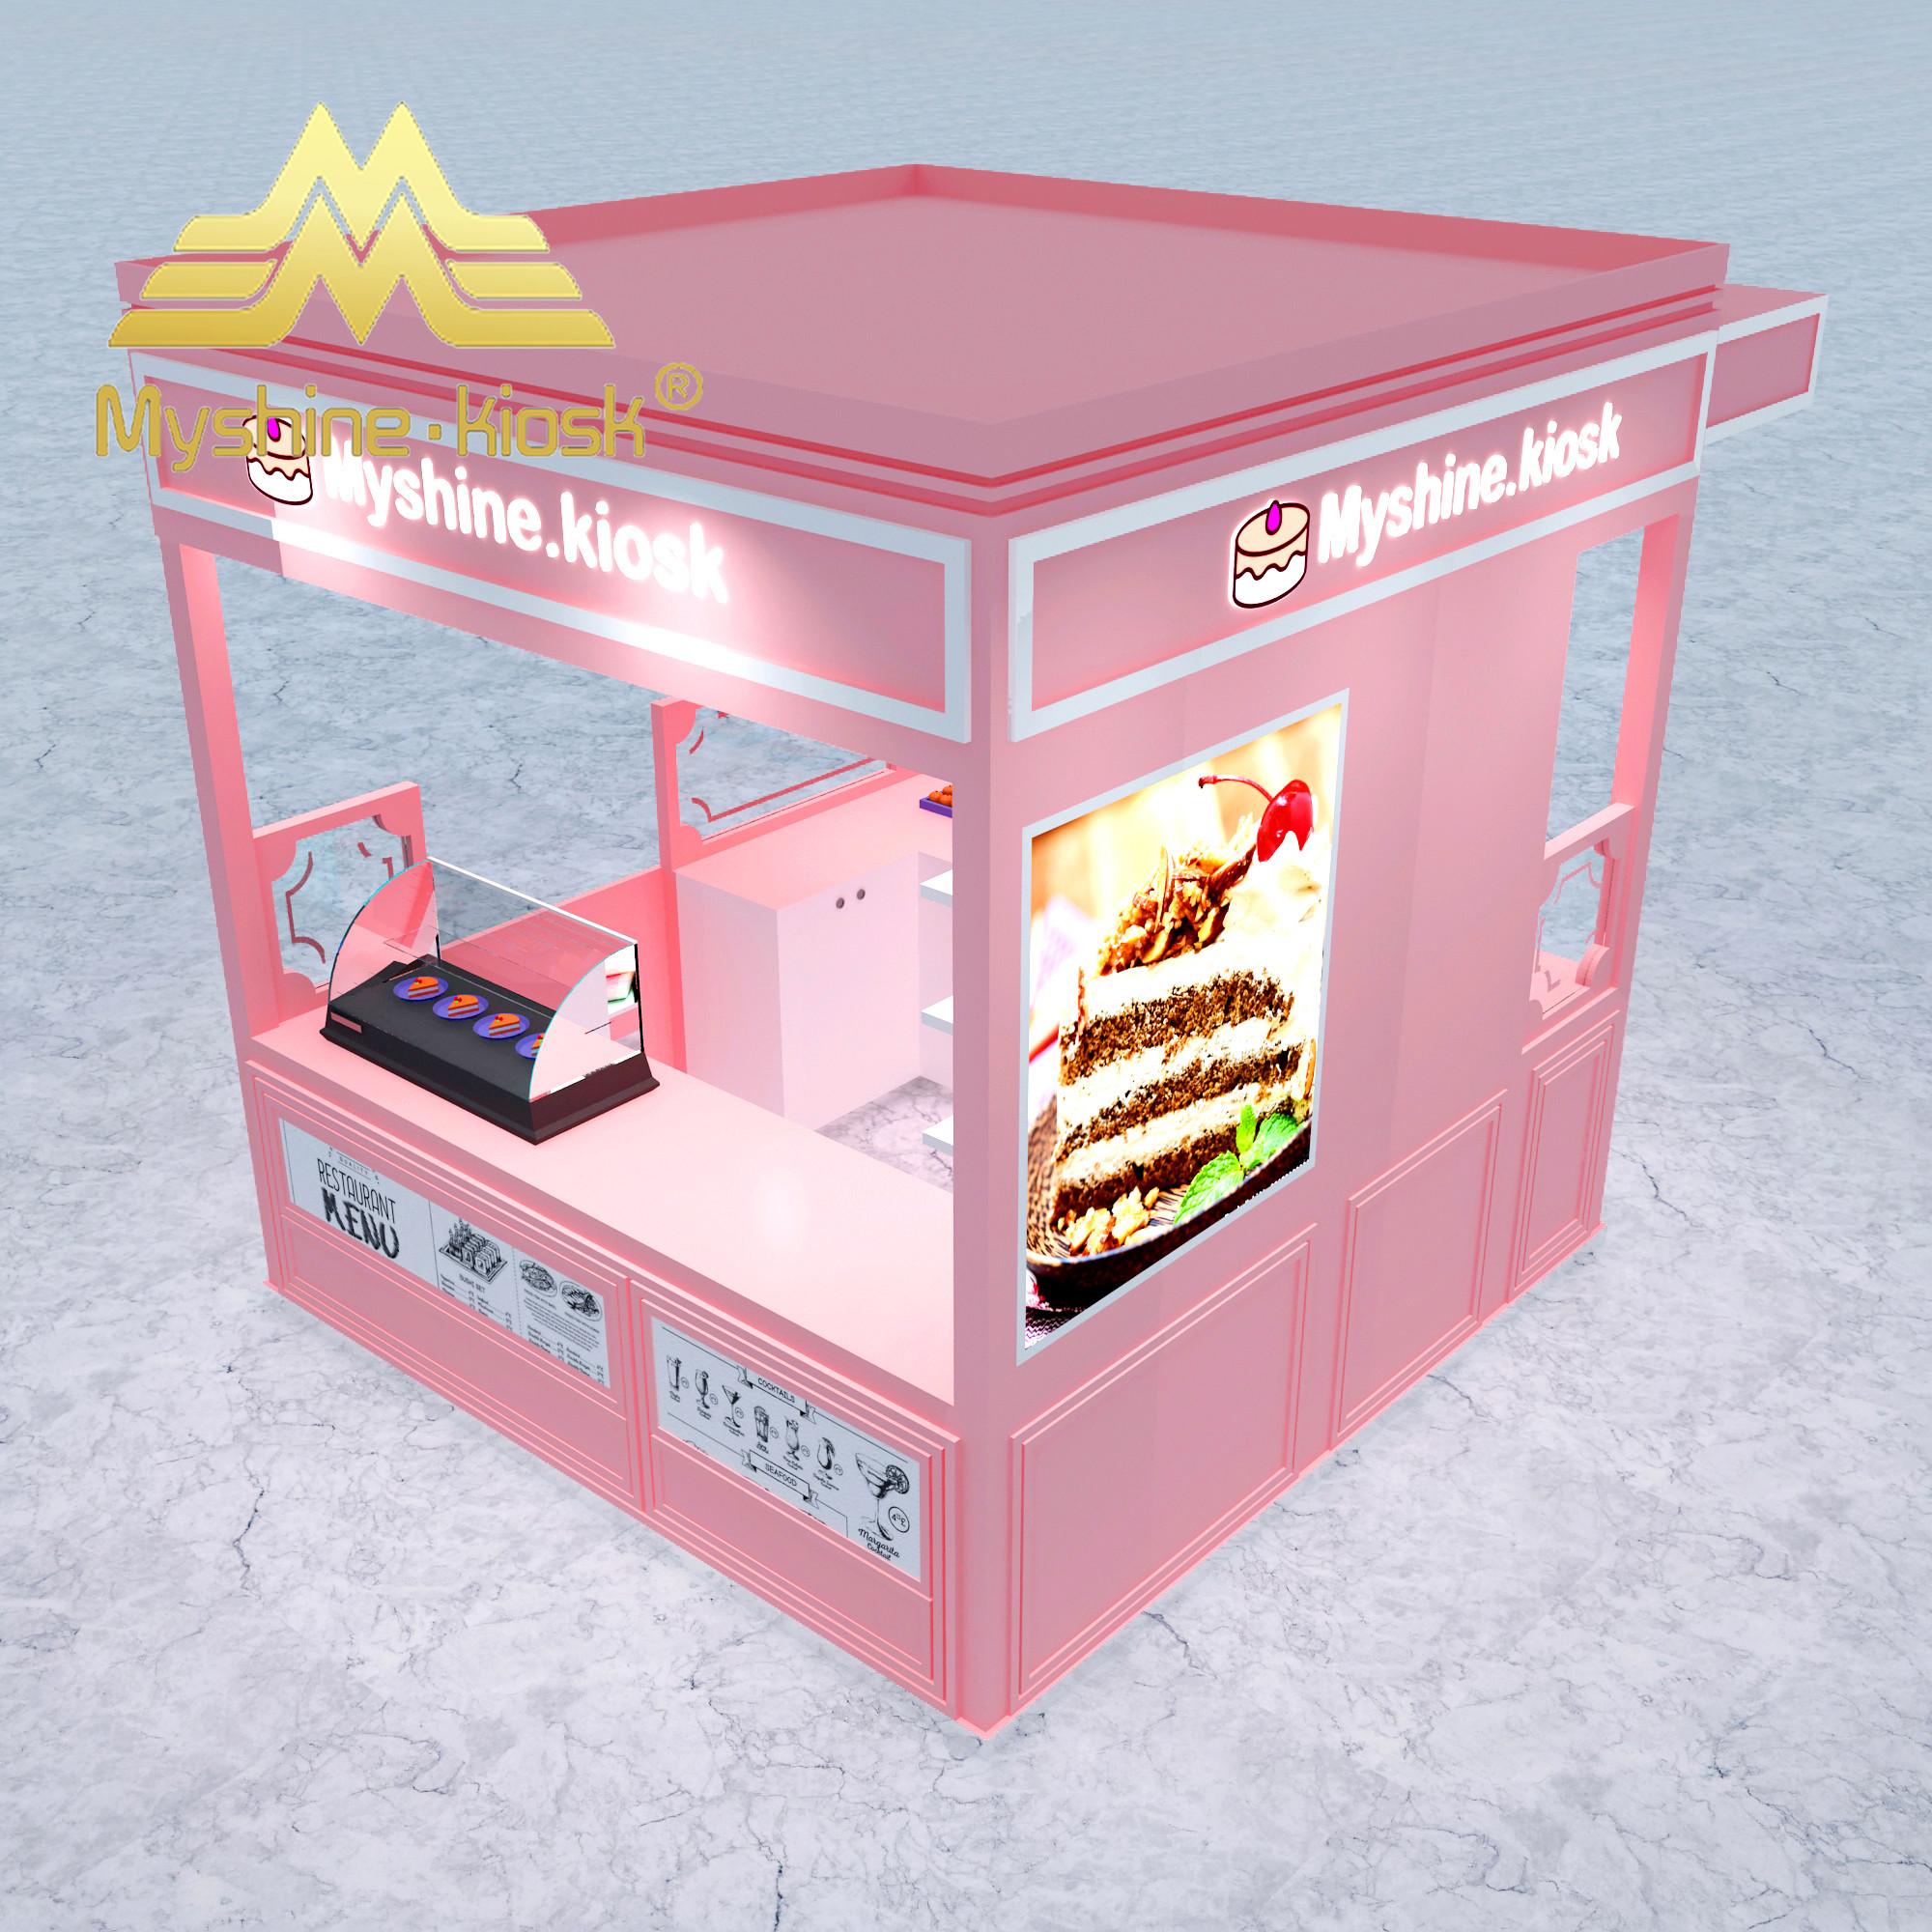 Customized Food Kiosk Wood Ice Cream Kiosk Juice Bar Kiosk Design